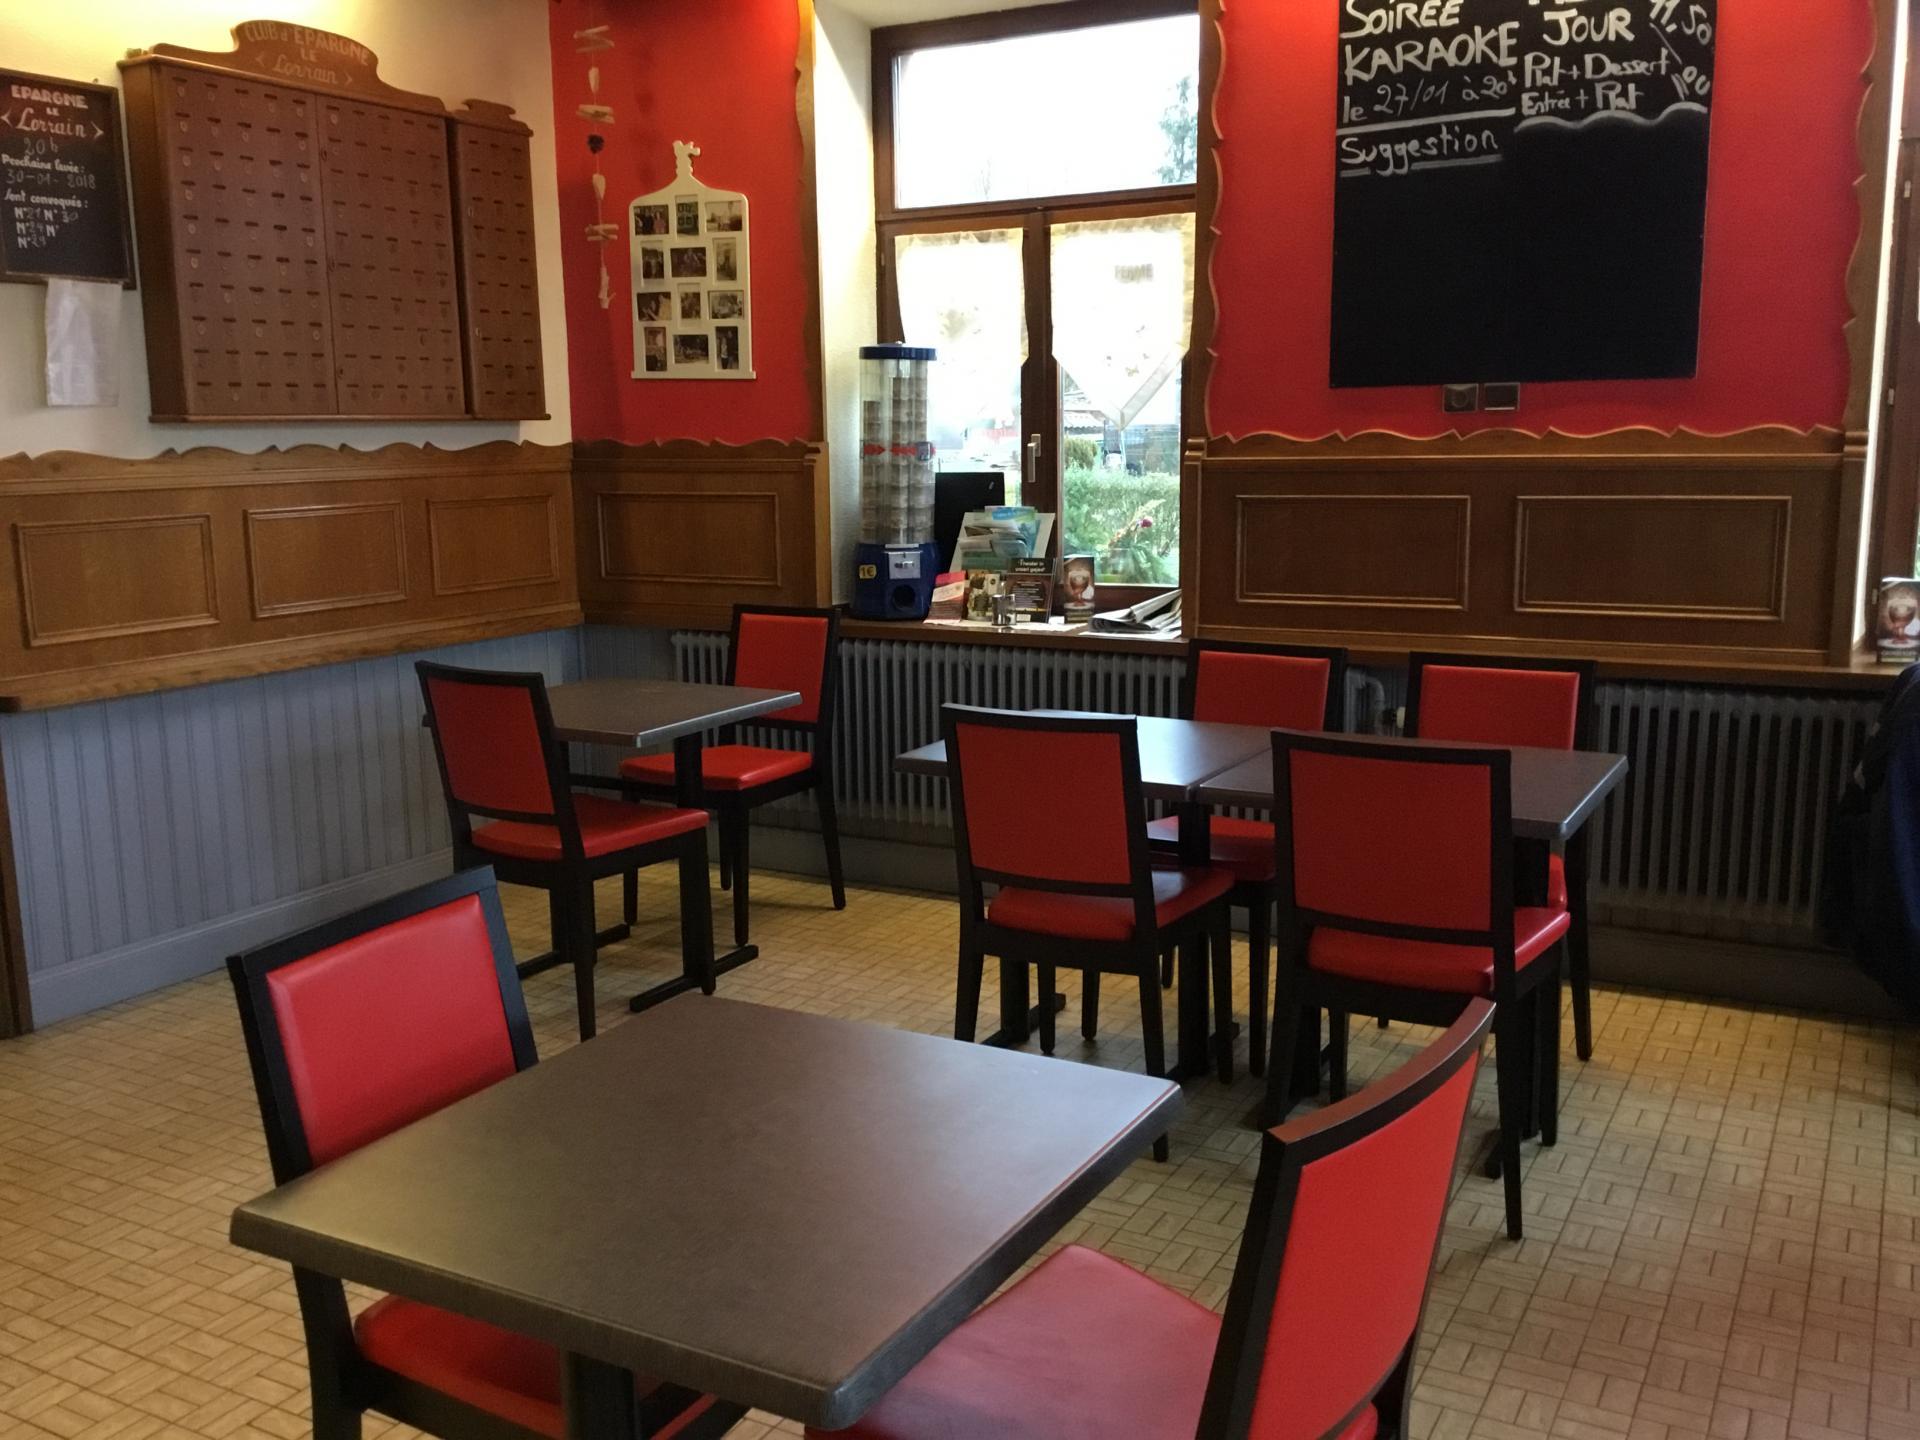 café resto Lorrain, Niderviller